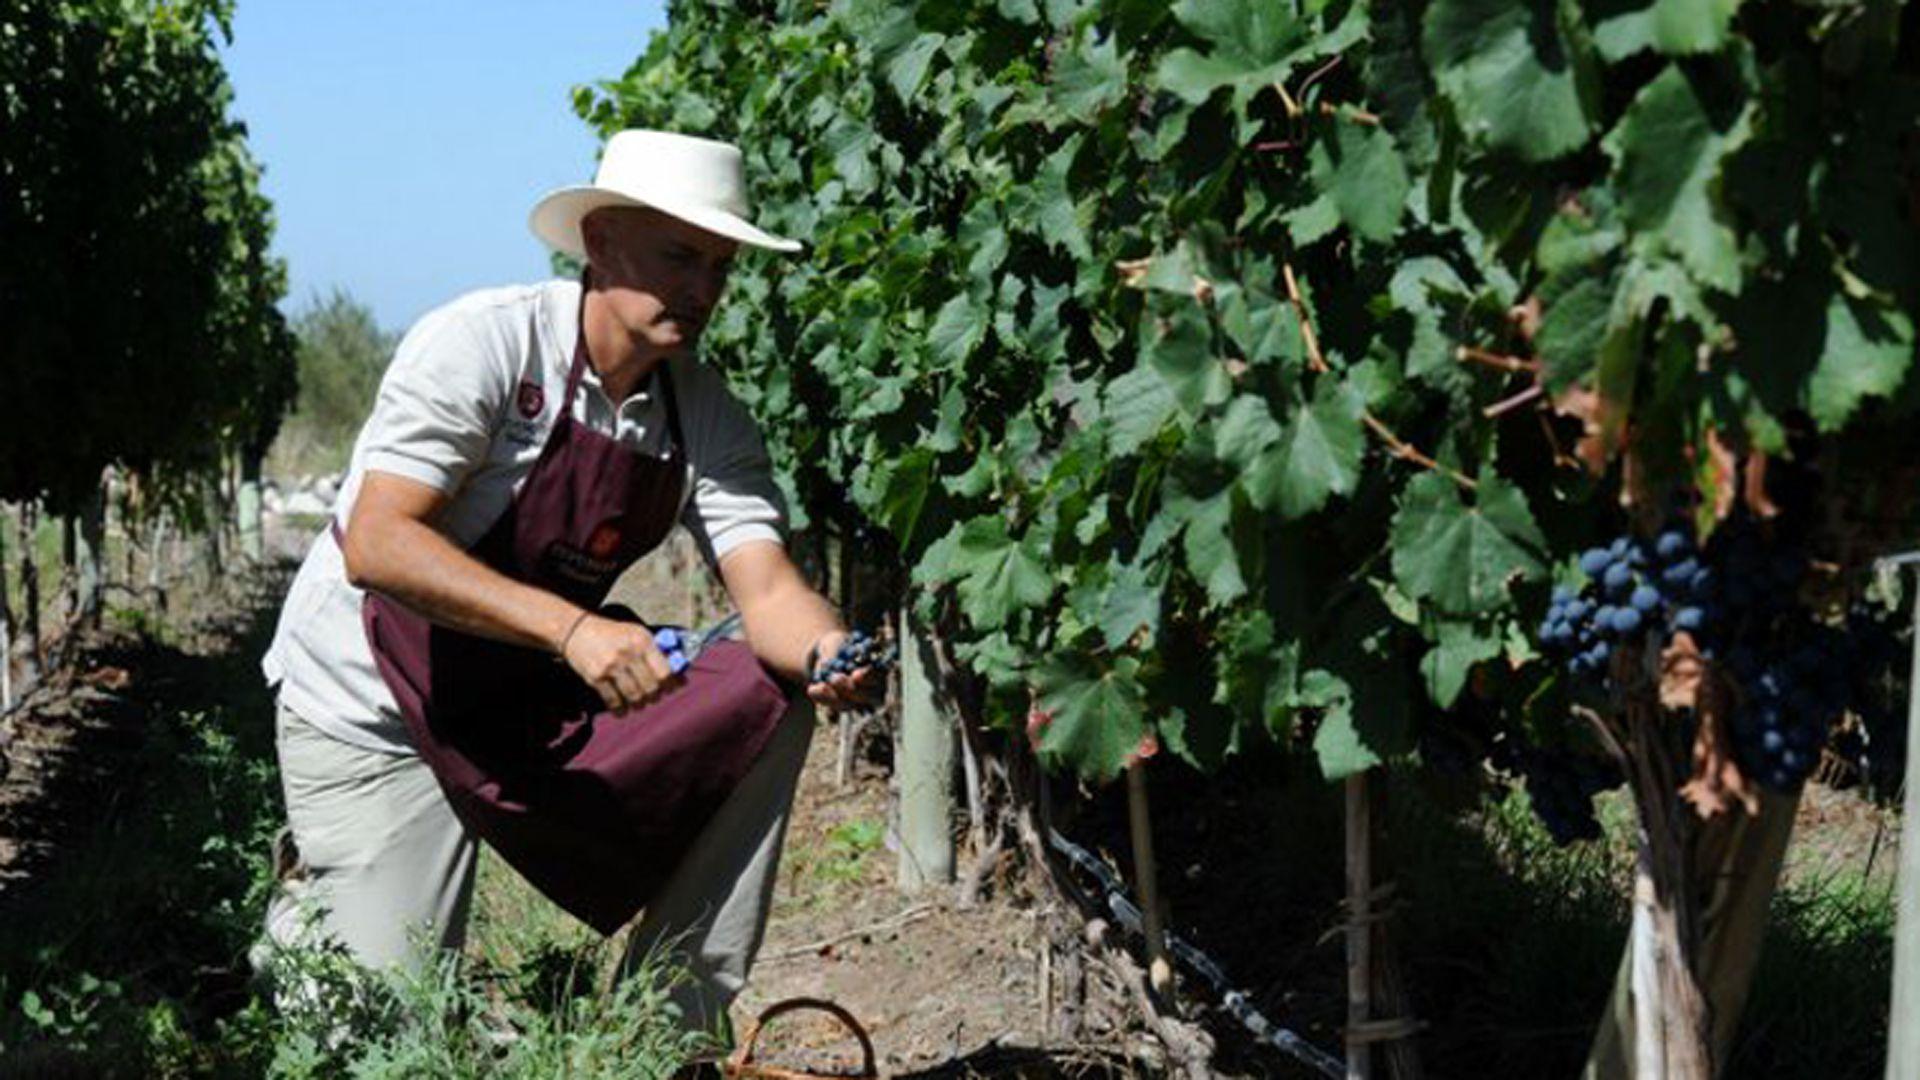 Una nueva encuesta en el sector agropecuario reflejó el malestar del sector con la dirigencia política, pero también hay autocrítica entre productores y tomadores de decisiones